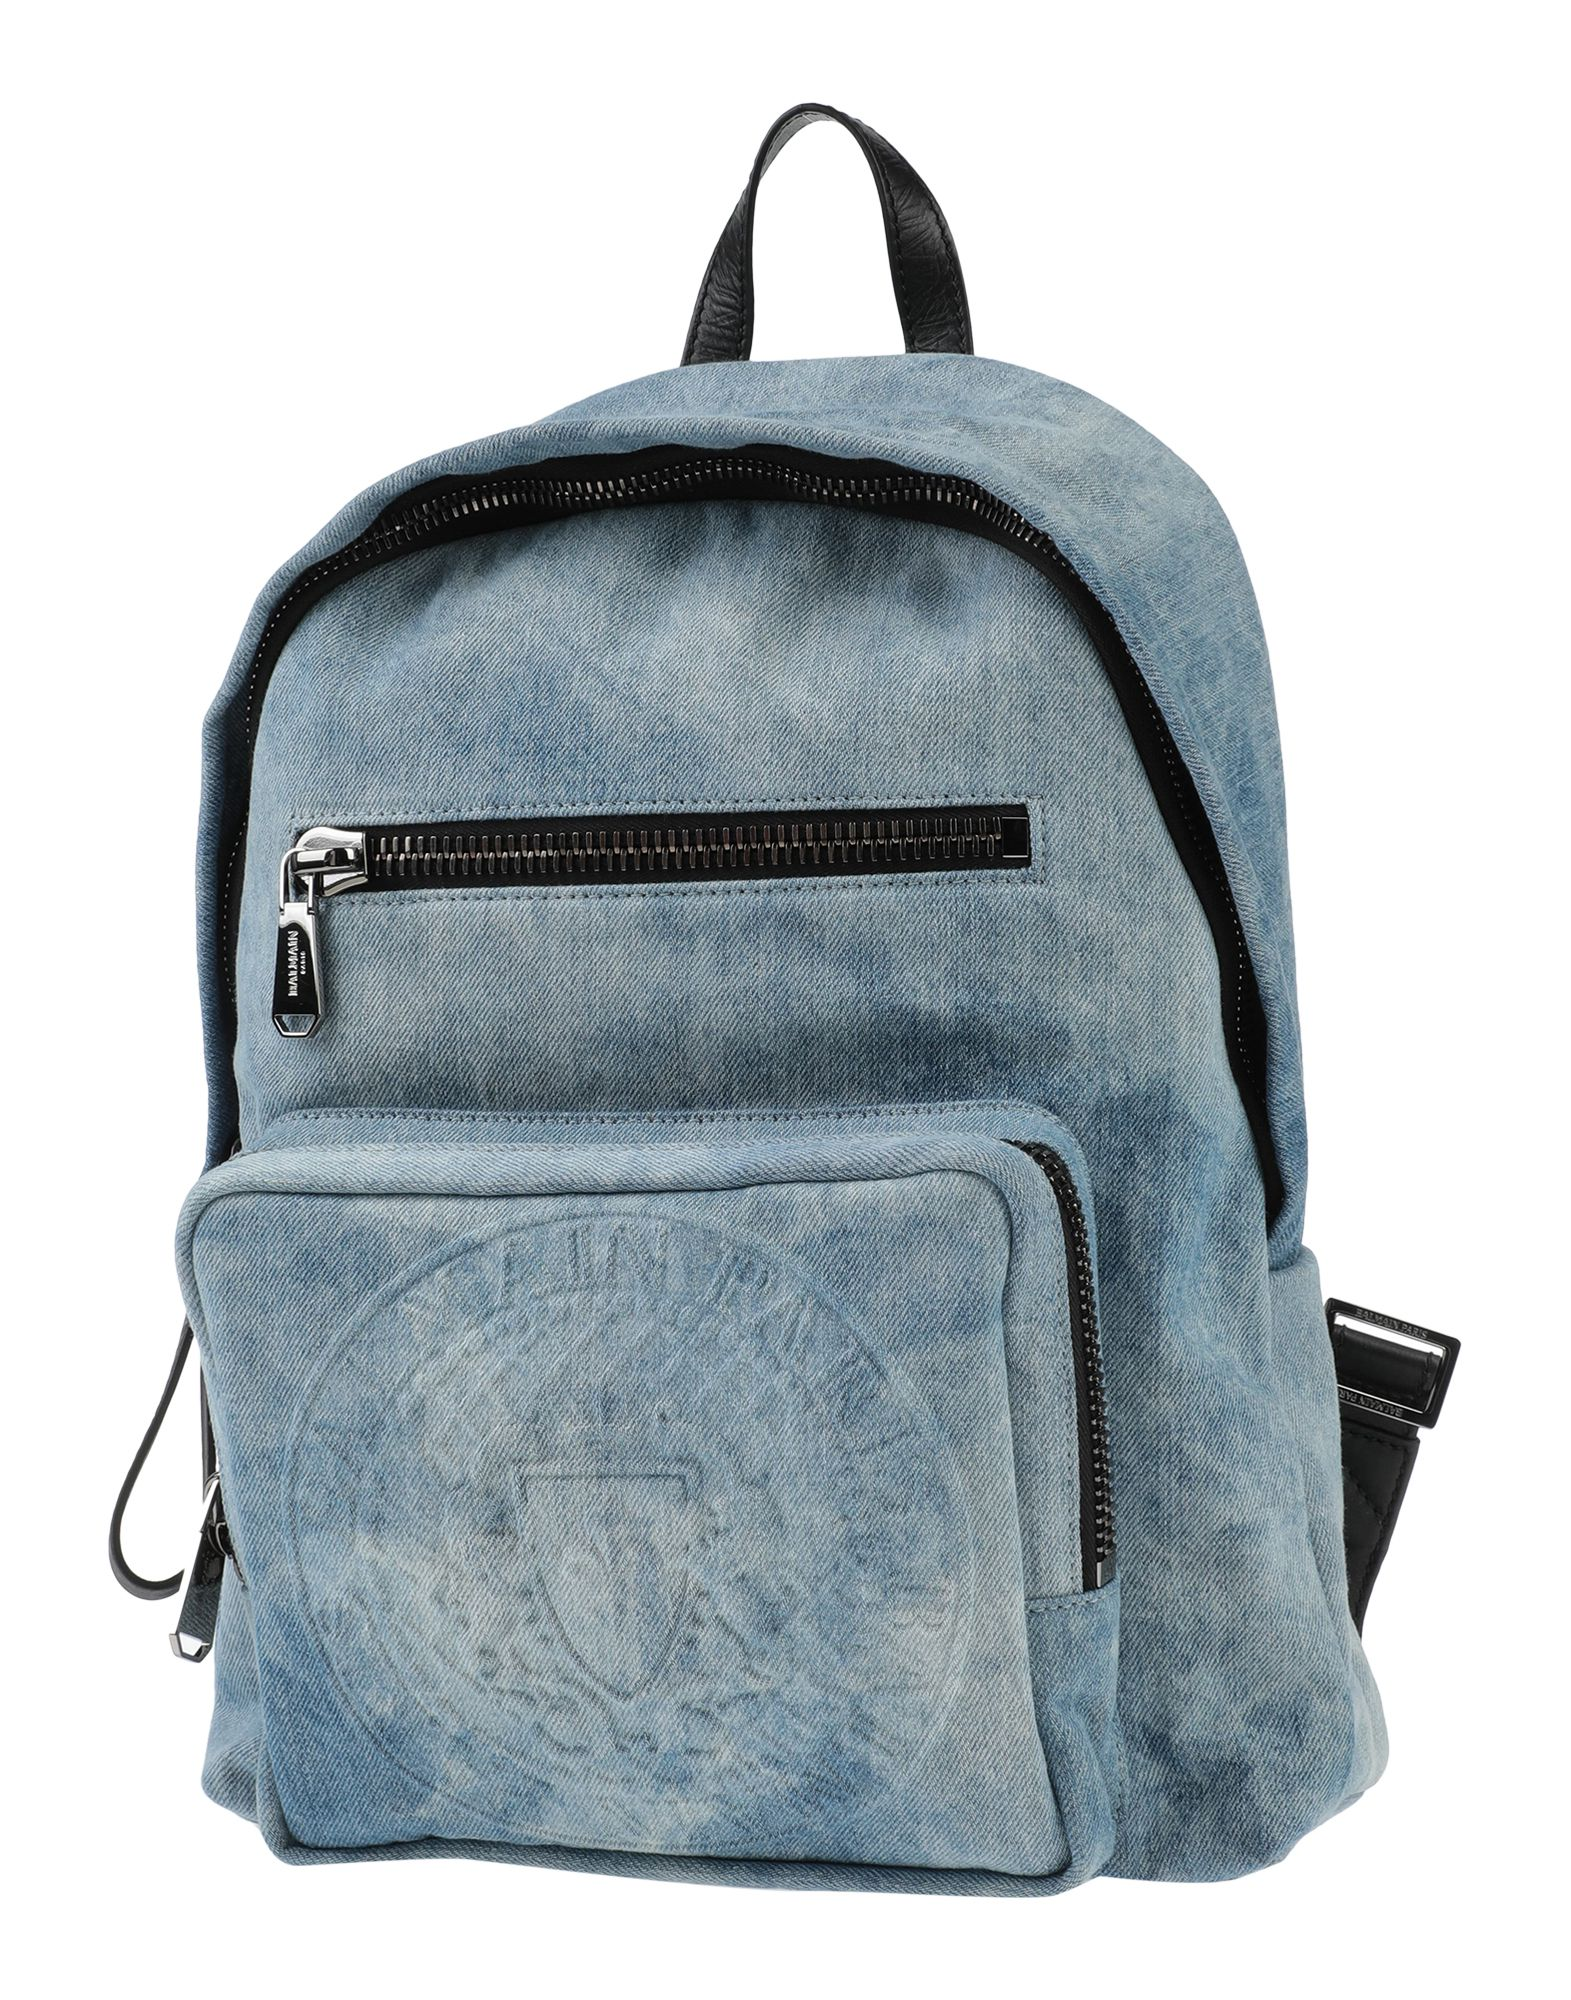 BALMAIN Backpacks & Fanny packs. denim, faded, logo, solid color, zipper closure, external pockets, internal pockets, maxi. Textile fibers